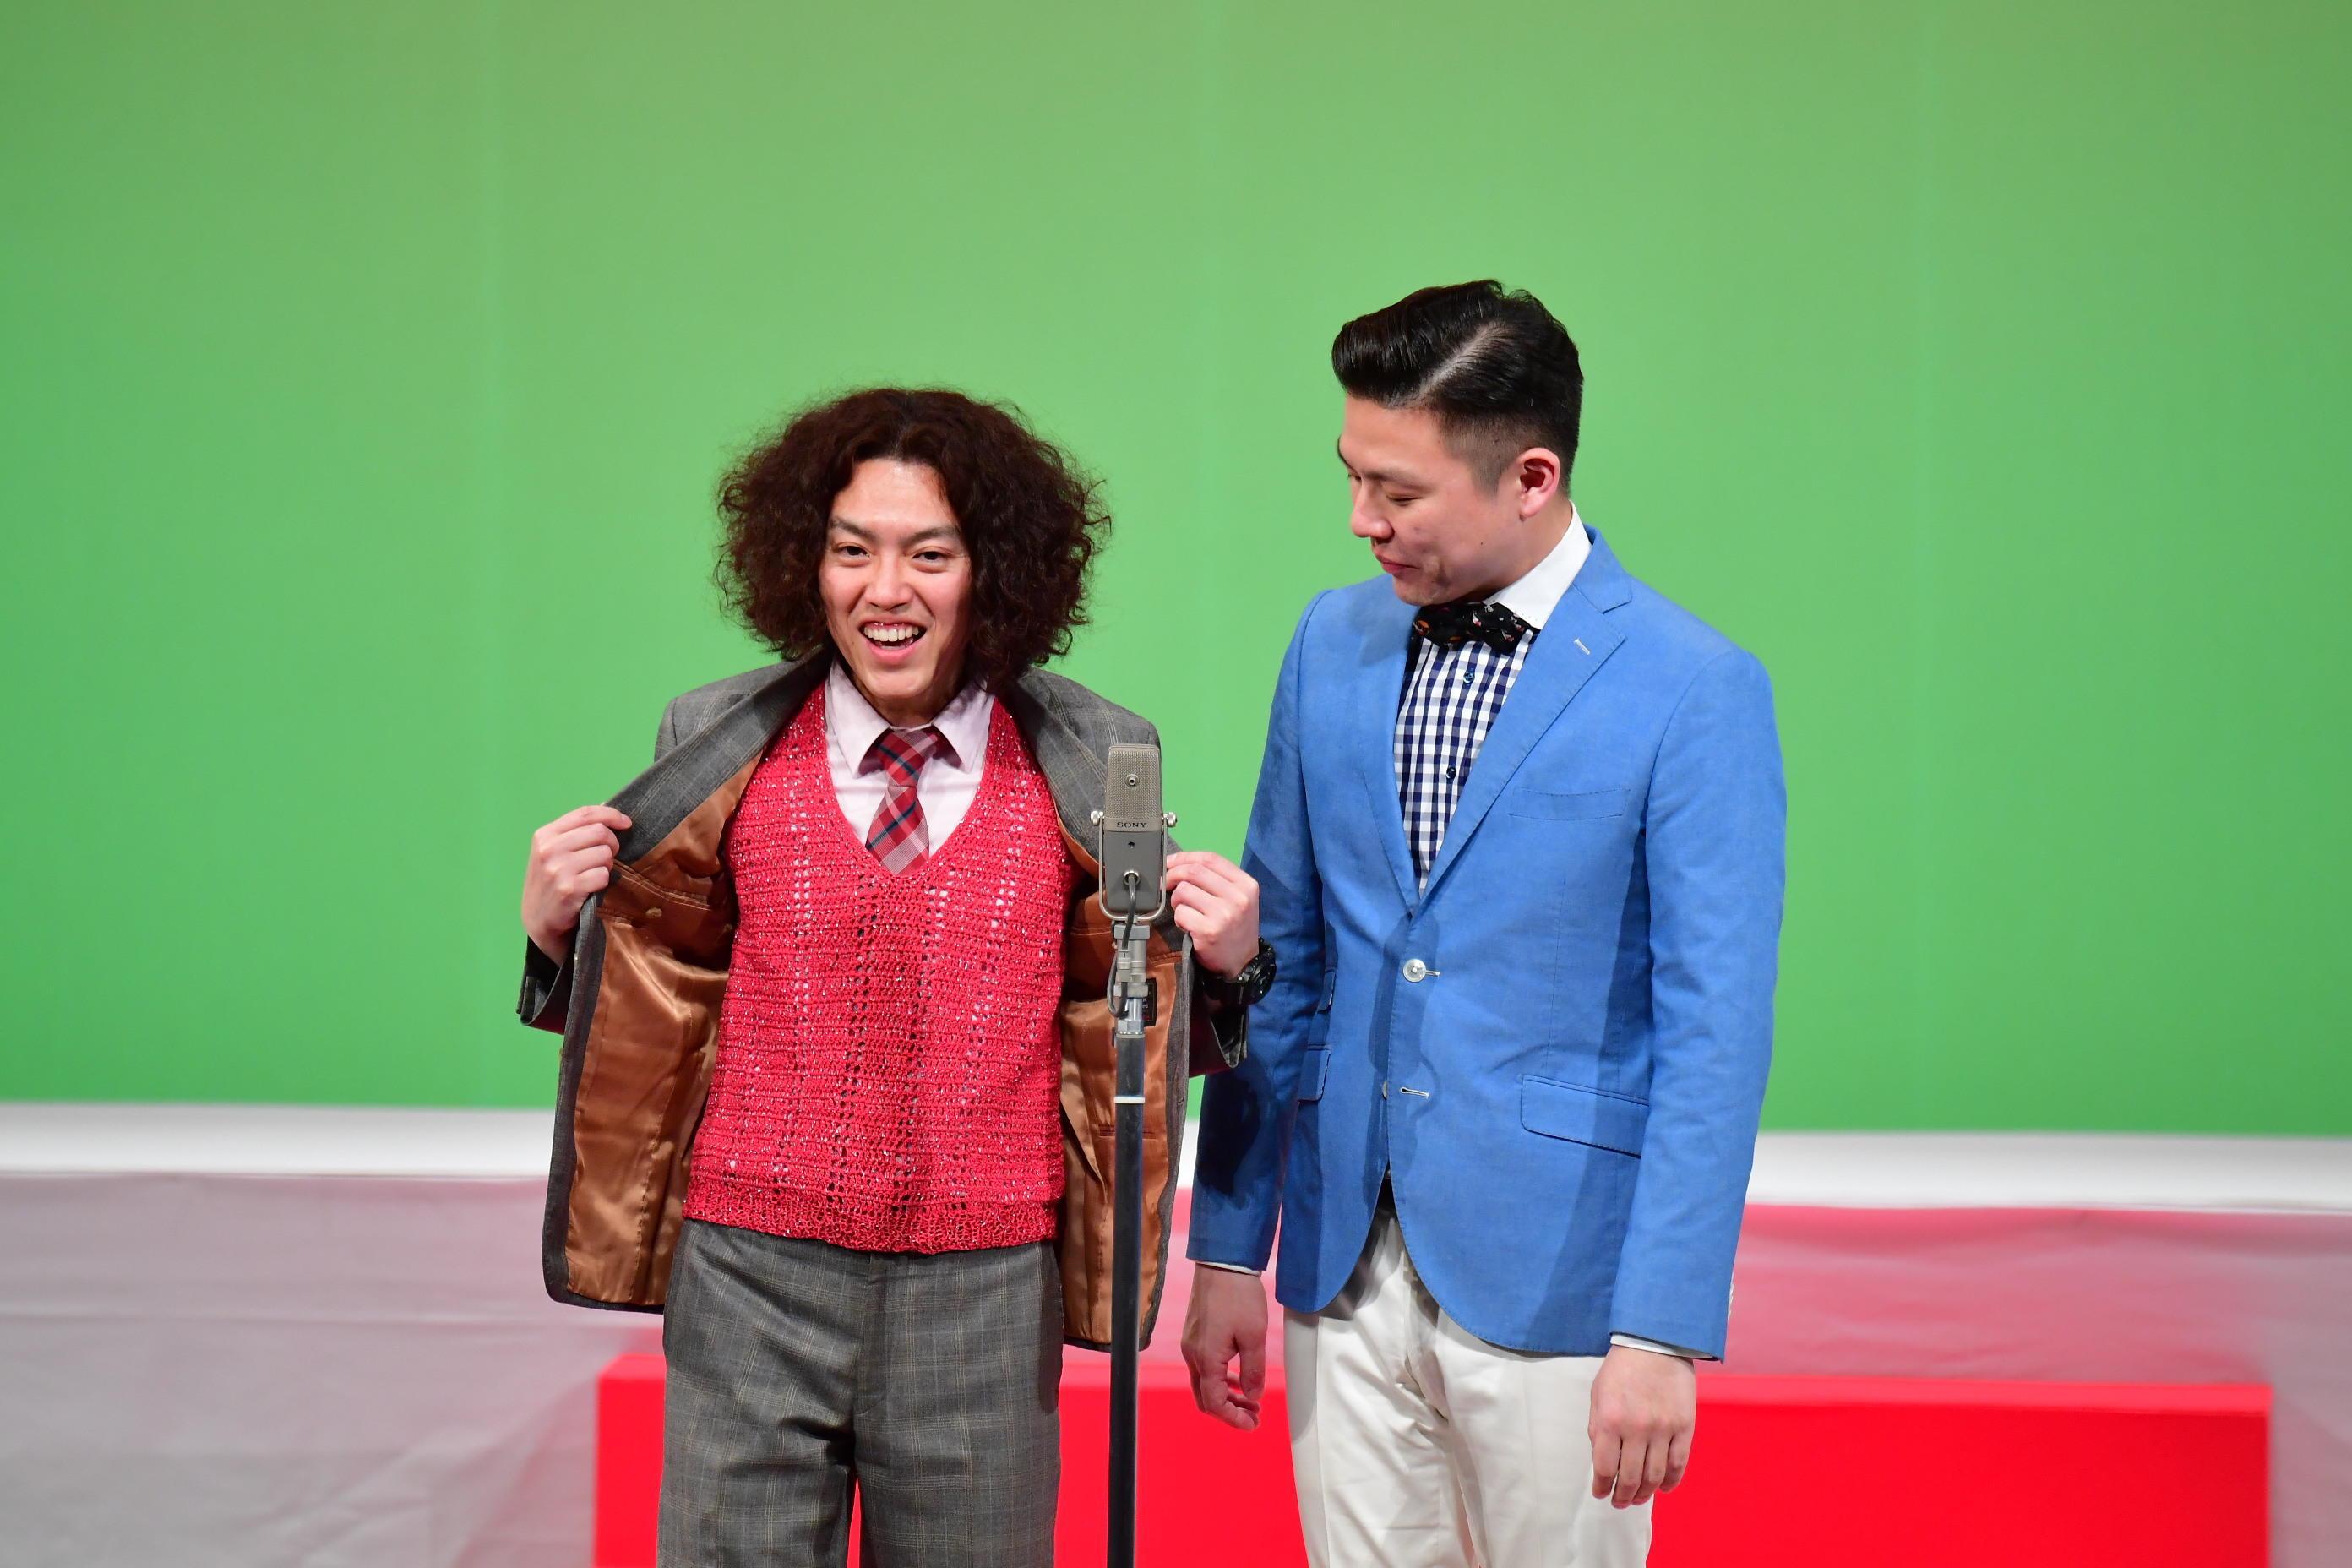 http://news.yoshimoto.co.jp/20180402070114-67053875579310bab0fb85dfb8ad37072b1f7fcf.jpg